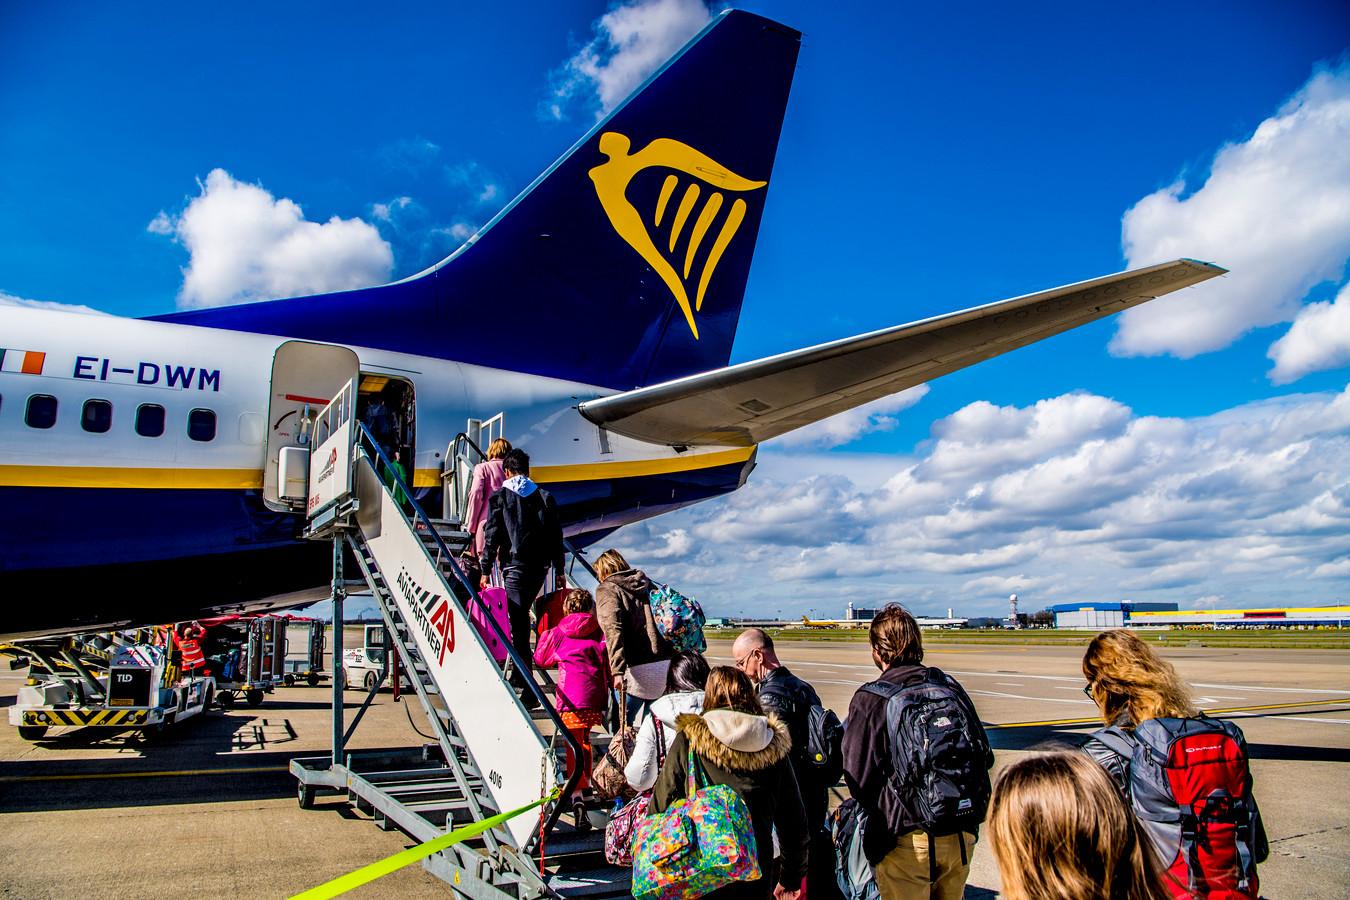 Vakantiegangers stappen het vliegtuig in.